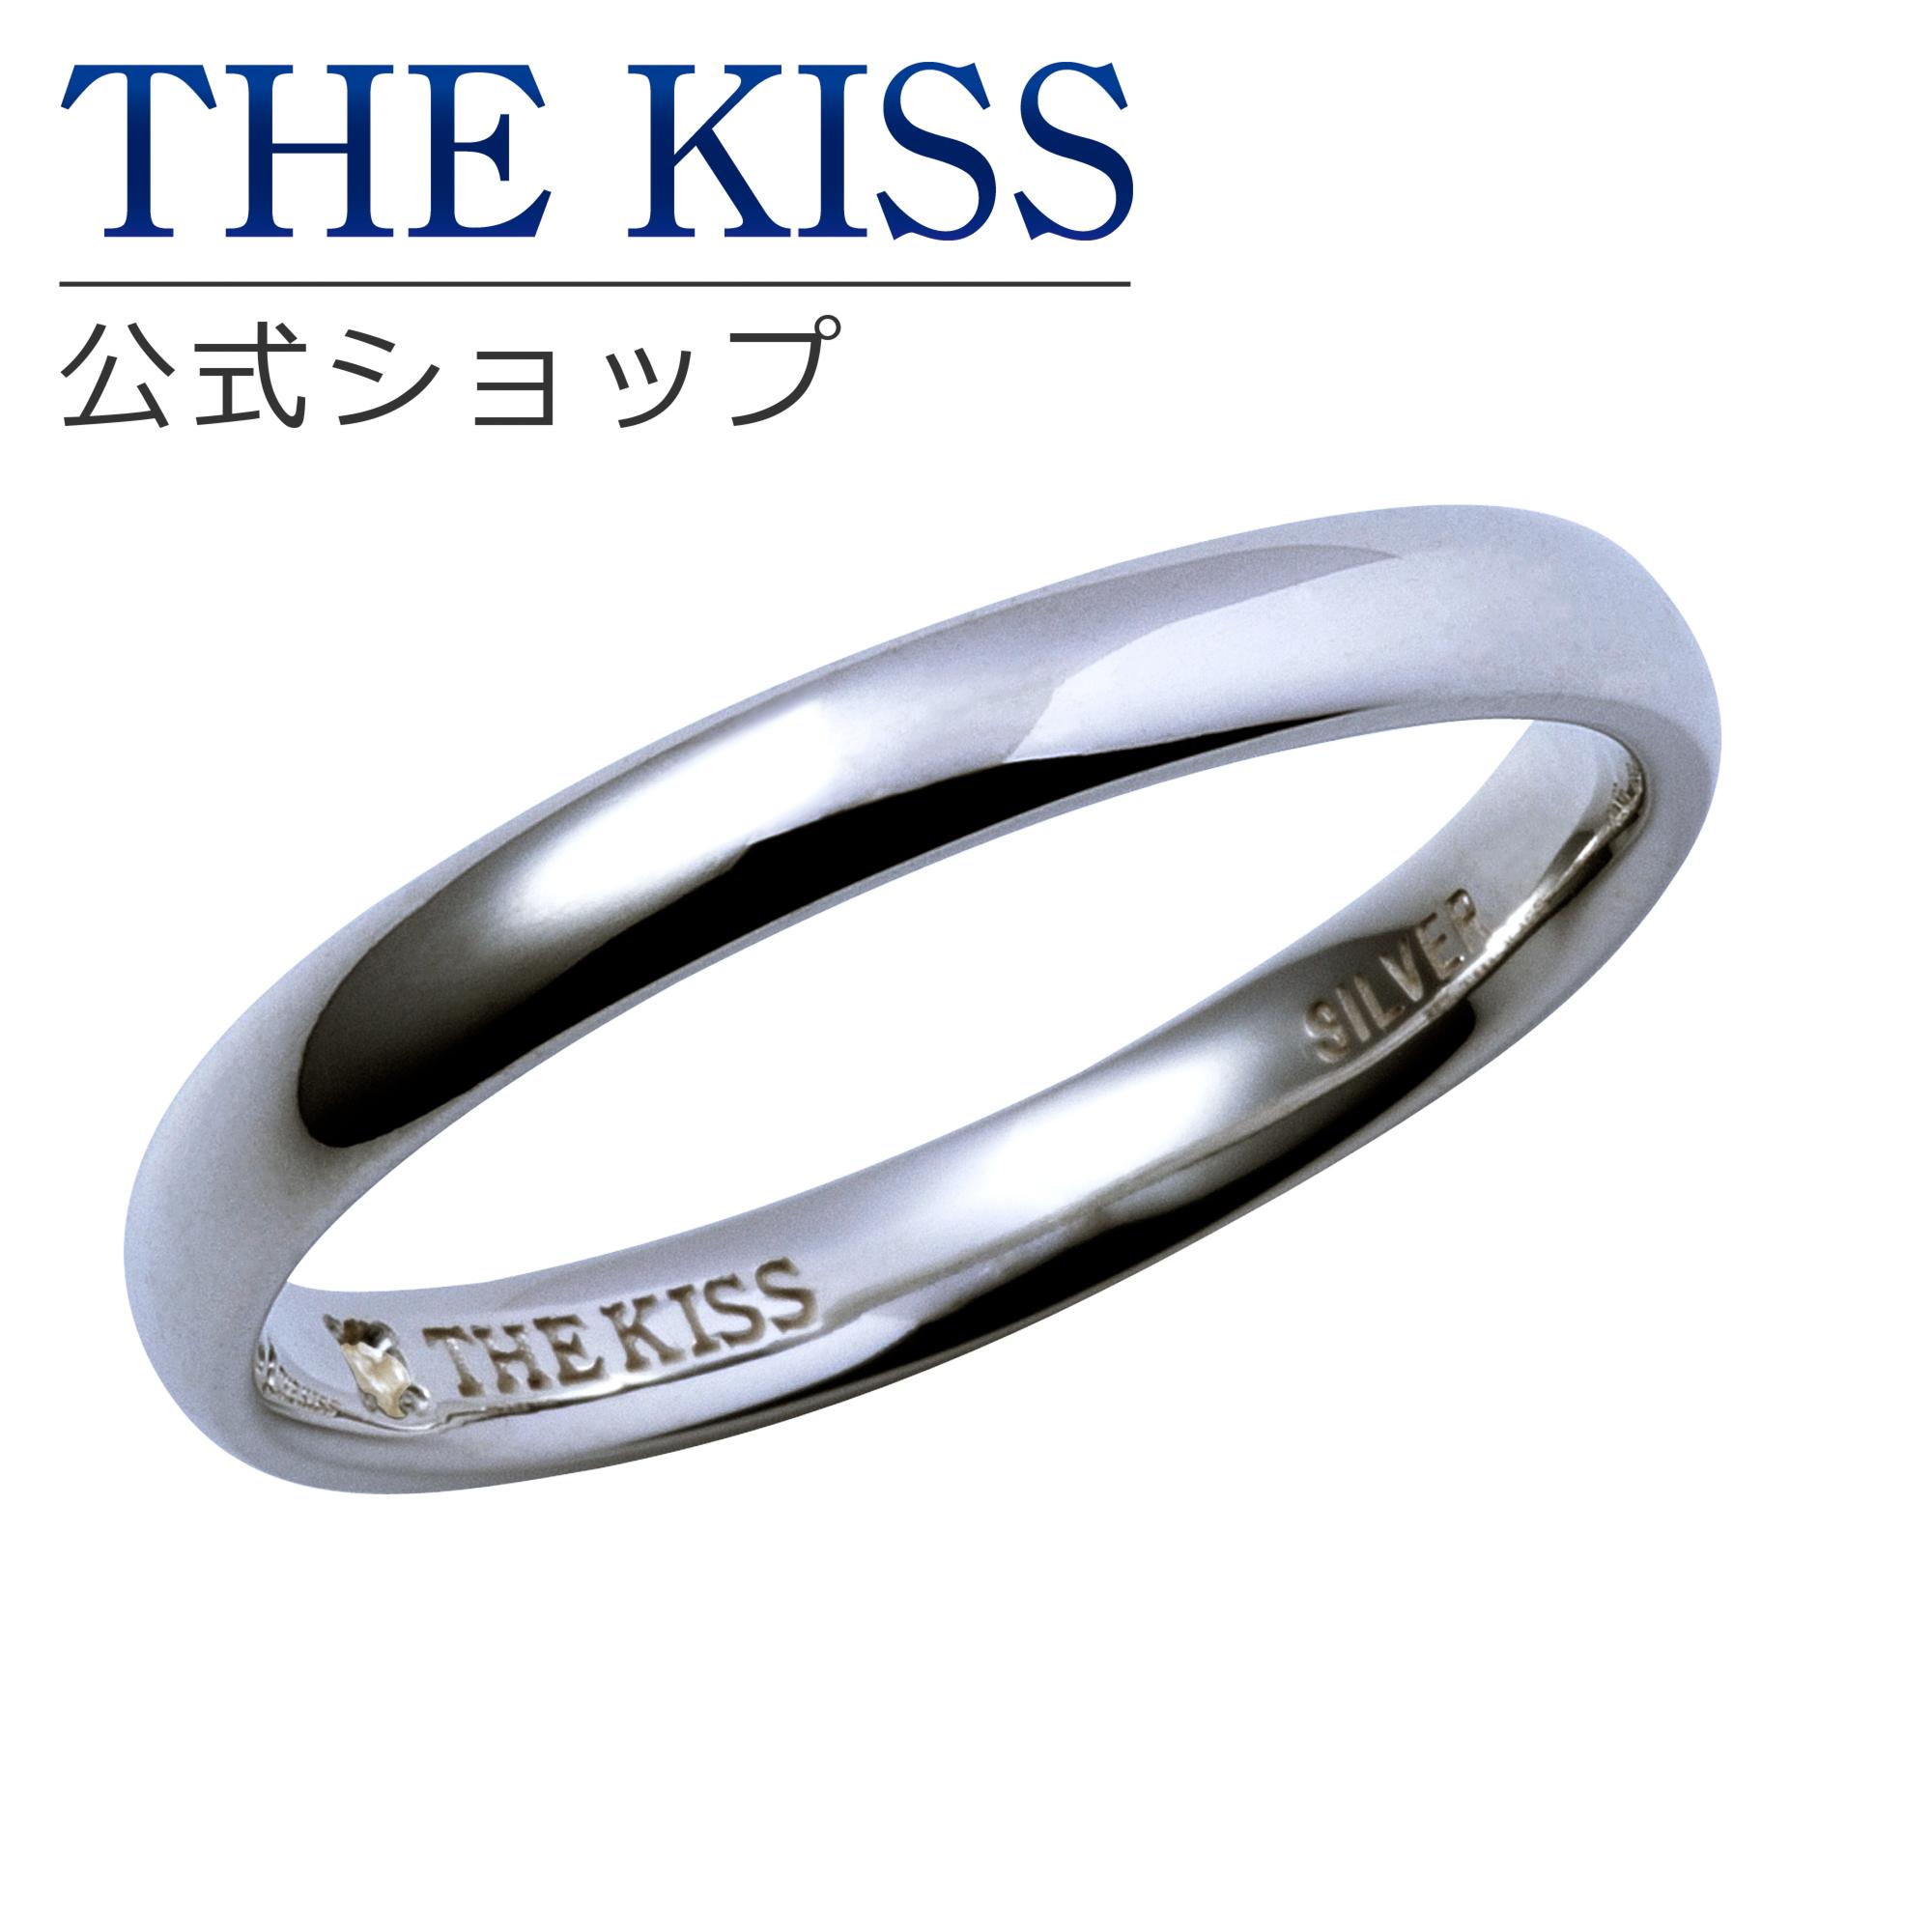 【あす楽対応】THE KISS 公式サイト シルバー ペアリング ( メンズ 単品 ) ペアアクセサリー カップル に 人気 の ジュエリーブランド THEKISS ペア リング・指輪 記念日 プレゼント SR1542DM ザキス 【送料無料】